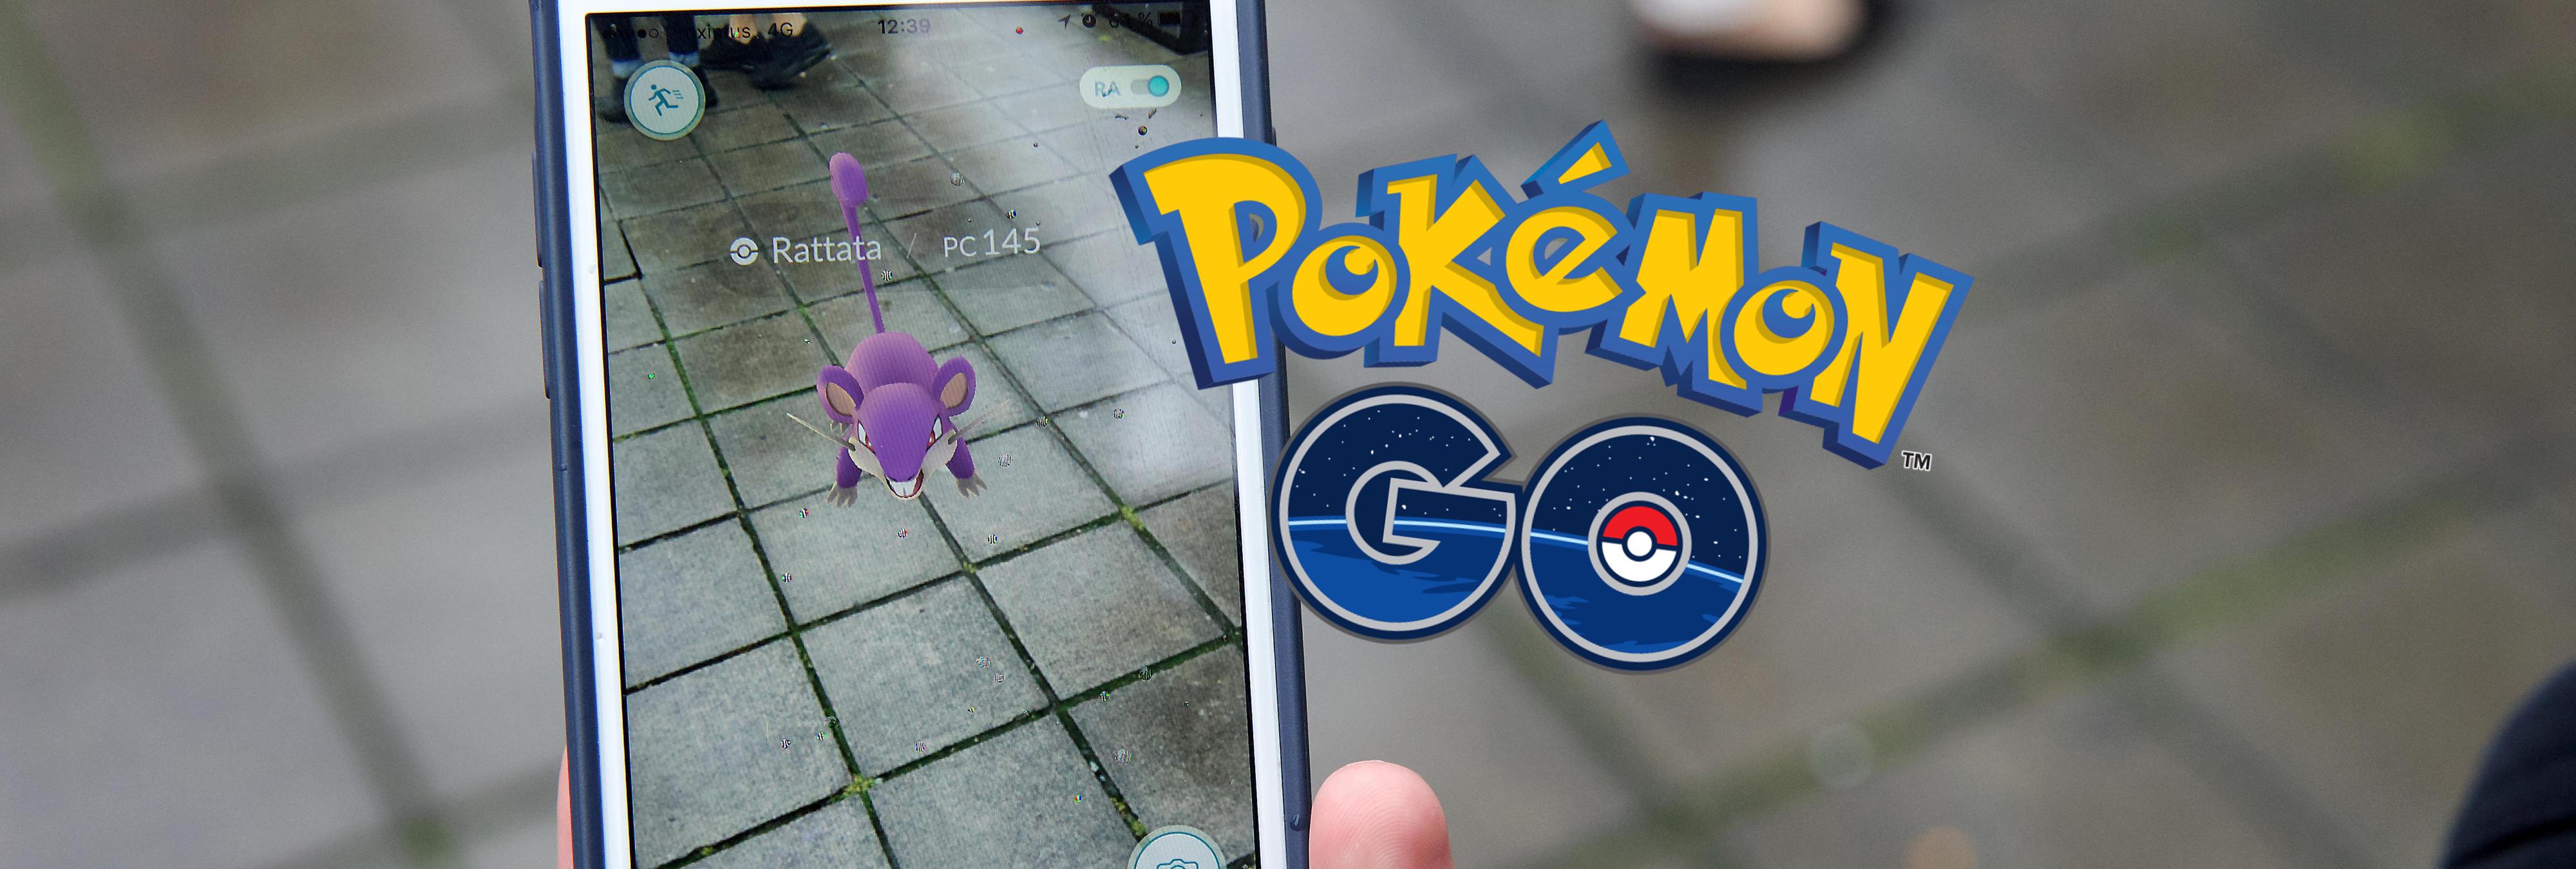 España lo ha vuelto a hacer: El primer jugador en pasarse 'Pokémon Go' es de Elche, no de Nueva York